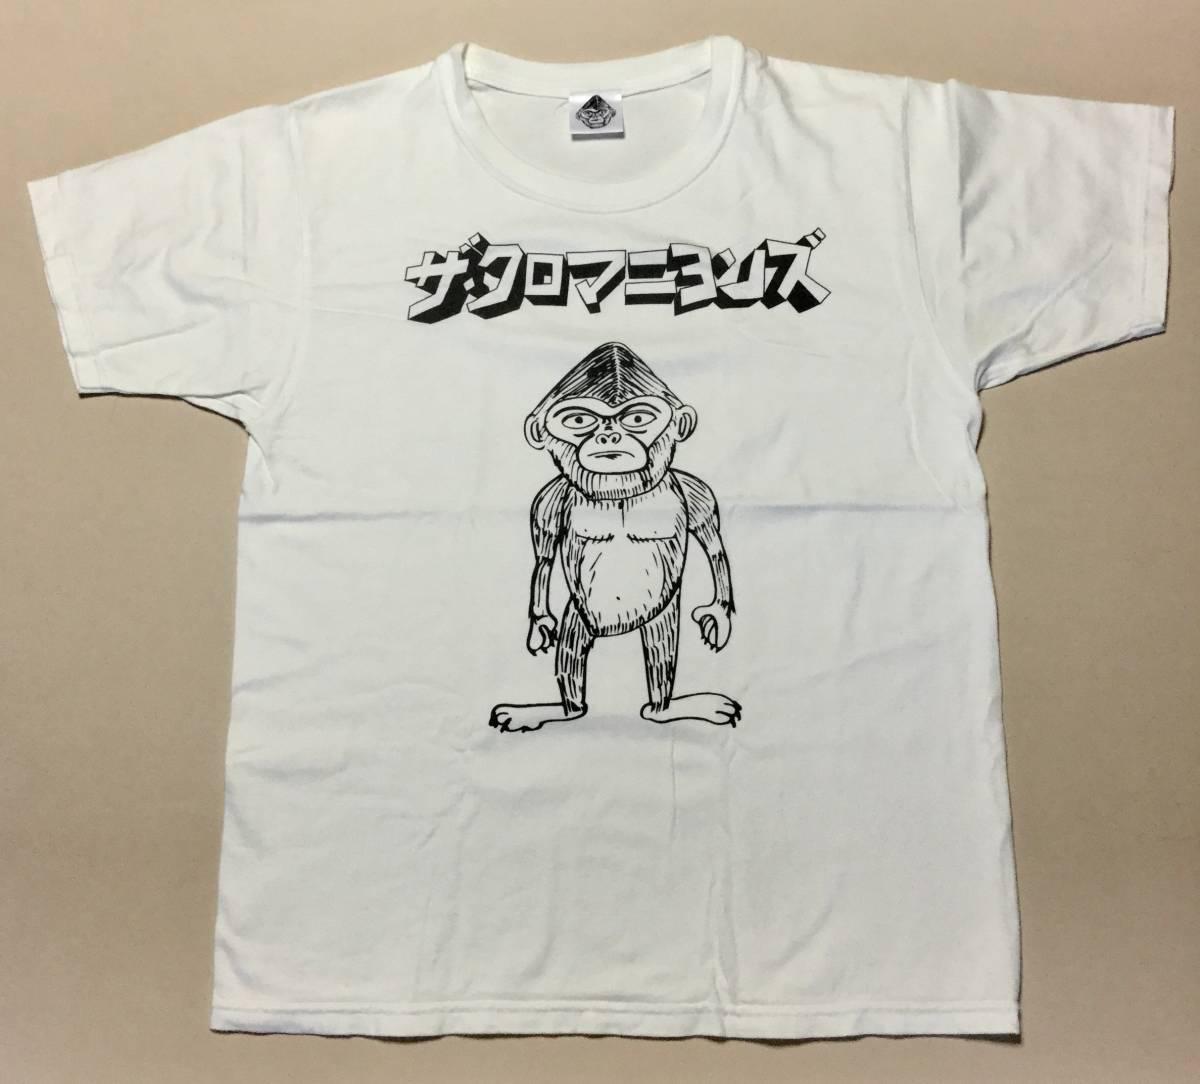 ザ・クロマニヨンズ ツアーTシャツ 中古 ライブグッズの画像